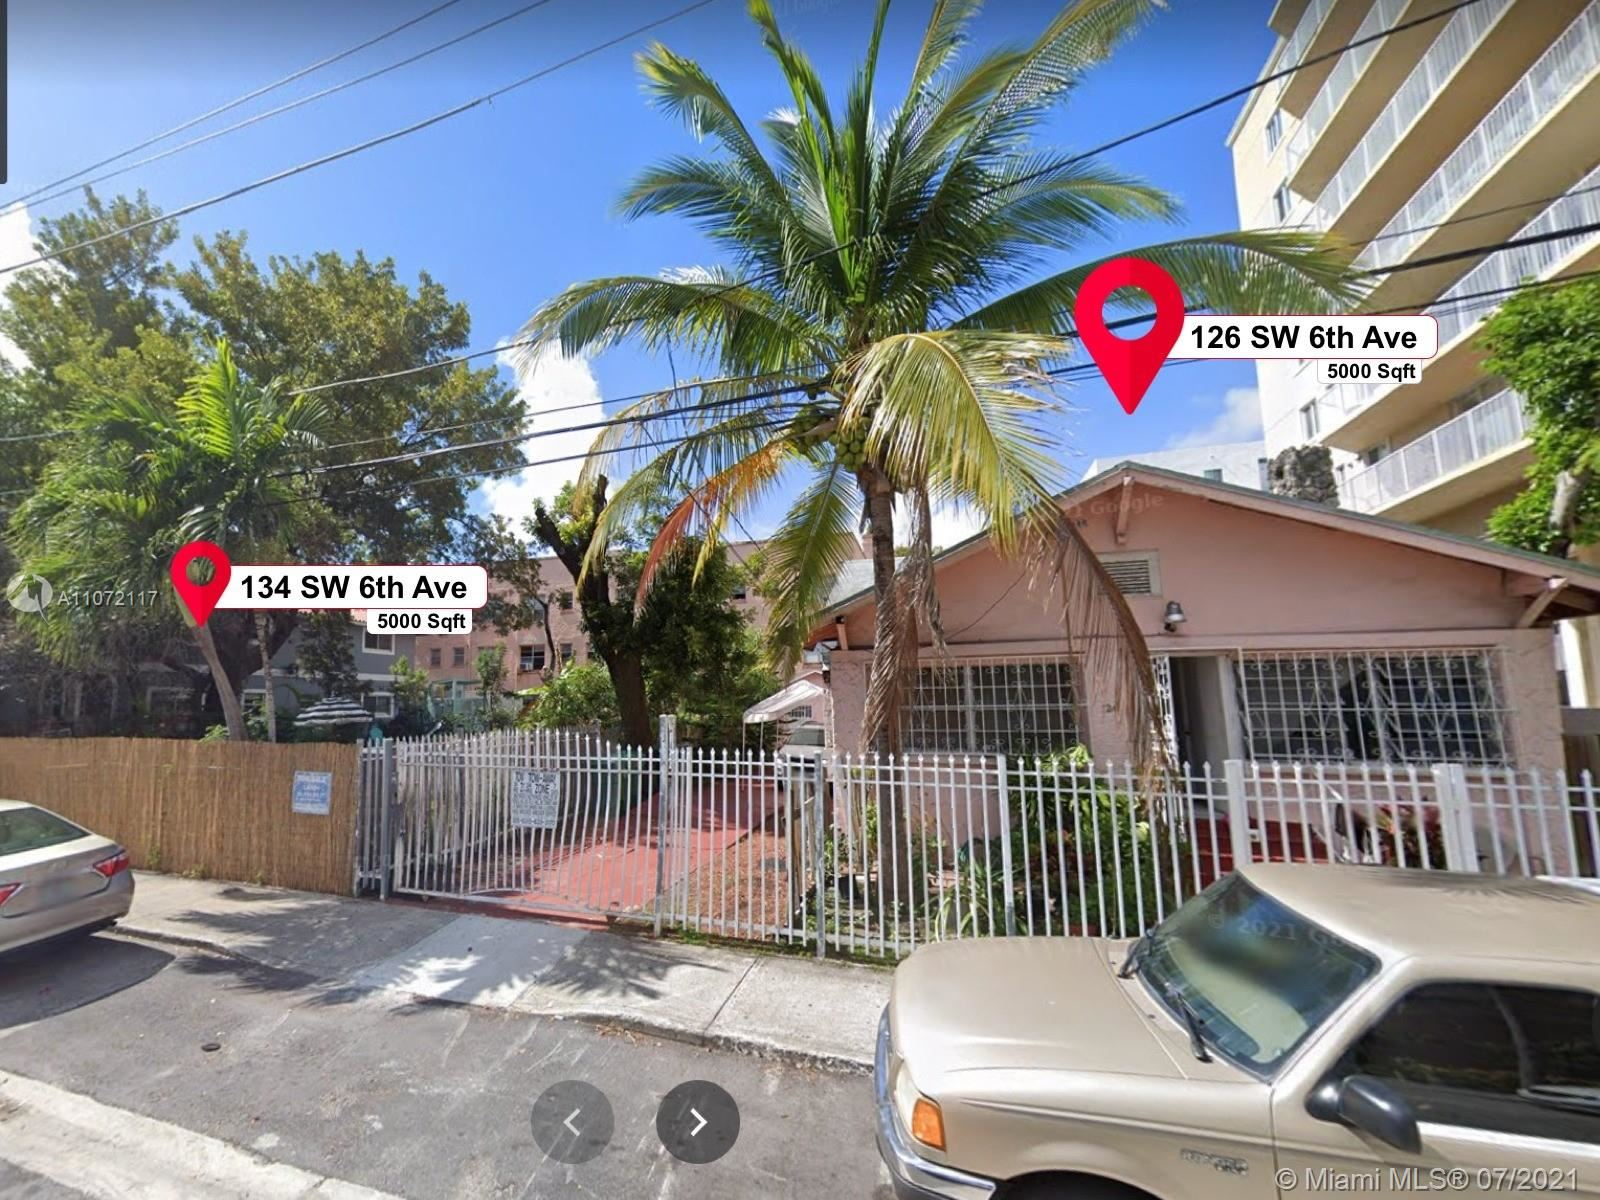 126 SW 6th Ave, Miami, FL 33130 - #: A11072117